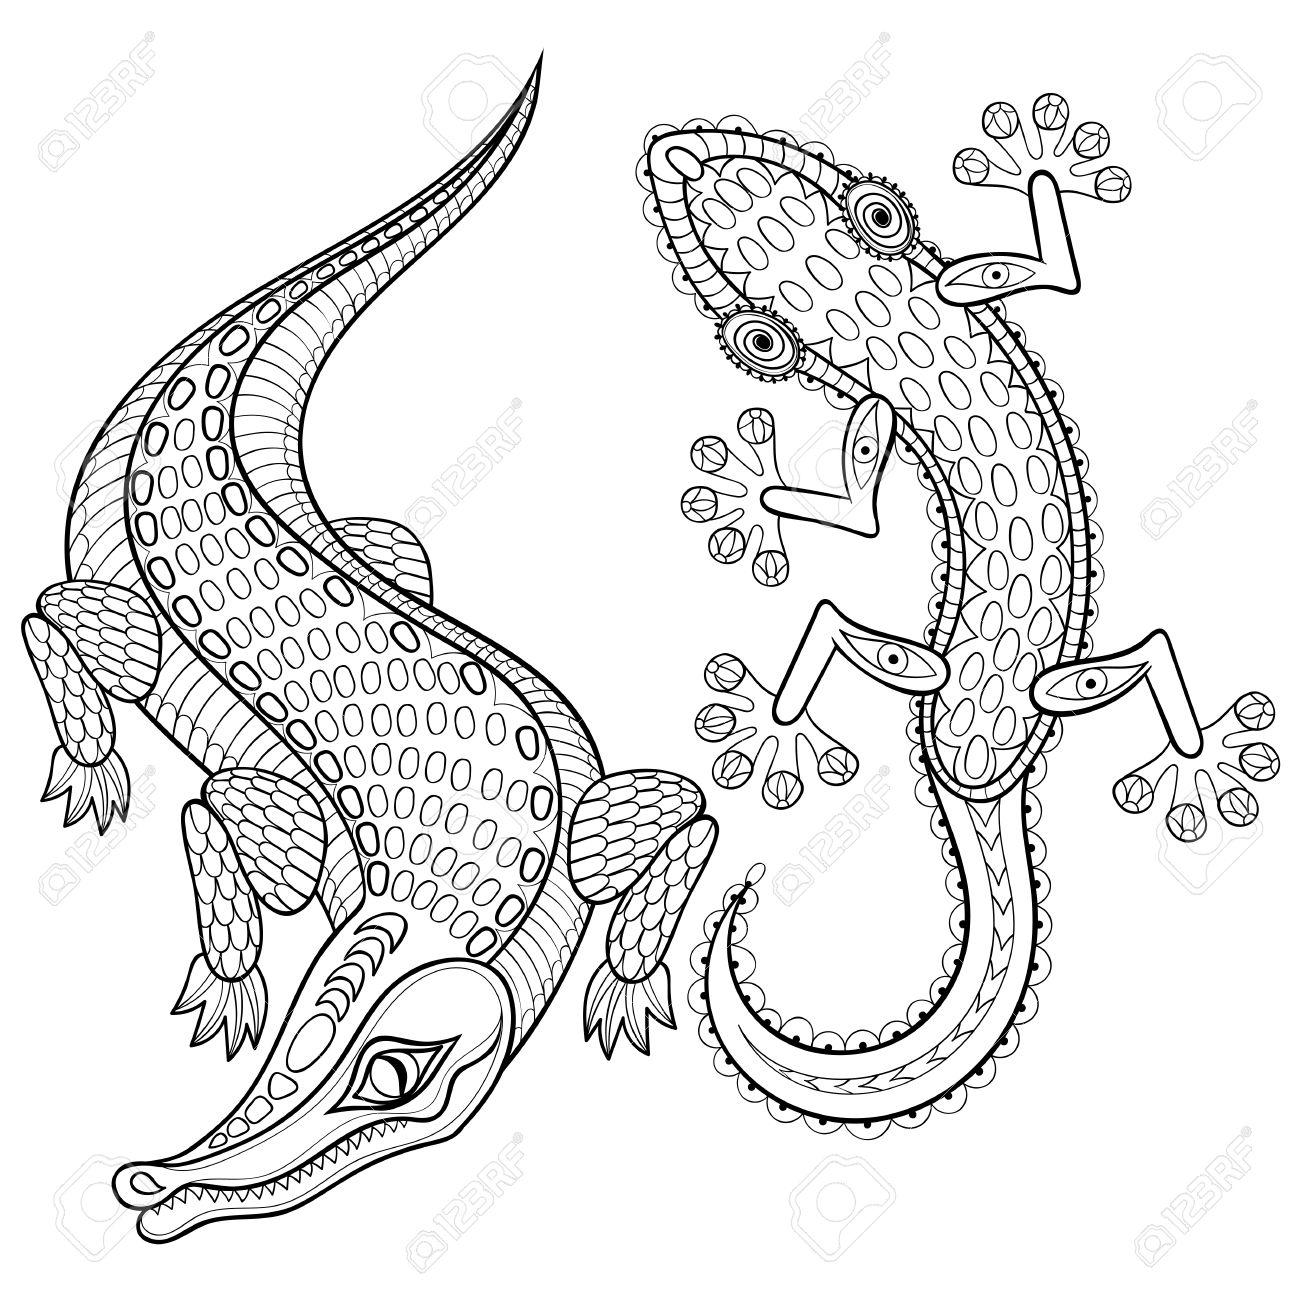 Hand Gezeichnet Zentangled Krokodil Und Eidechse Für Erwachsene ...